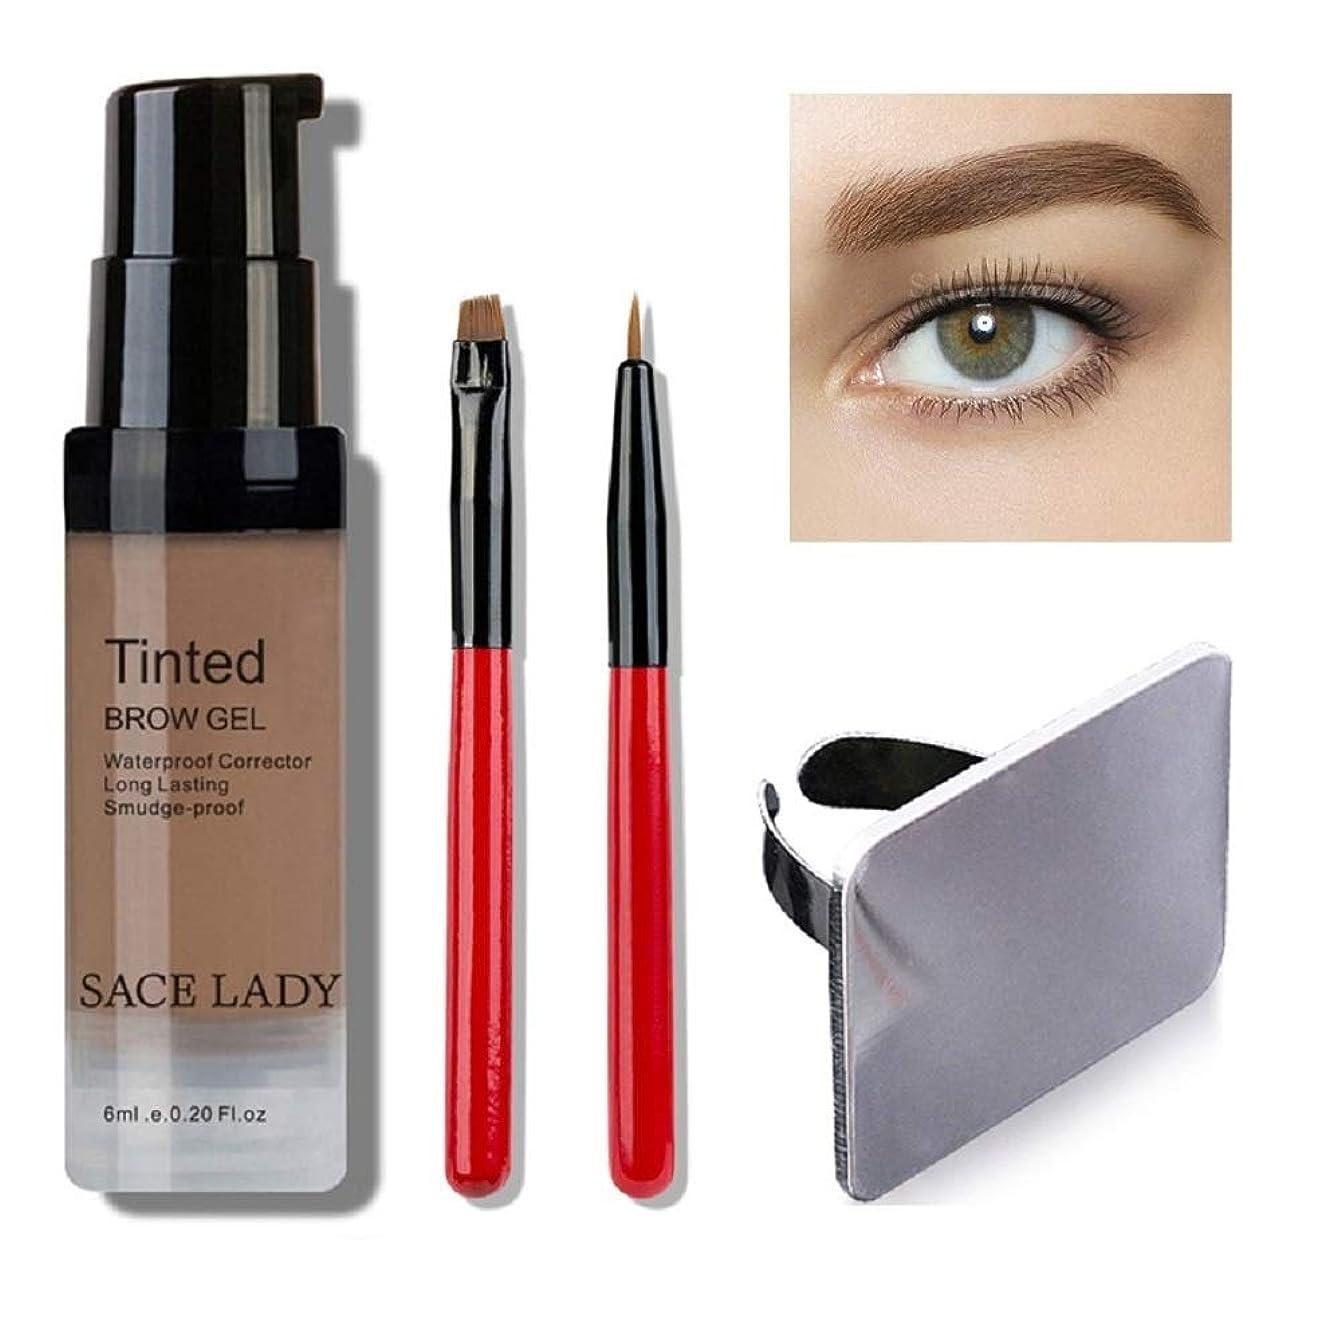 専門古い長方形Waterproof Eyebrow Shadow Henna Makeup Enhancer Tint Brush Kit Eye Brow Gel Cream Make Up Set Paint Tool Wax Cosmetic (Light Brown) 防水眉毛シャドウヘナメイクアップエンハンサティントブラシキットアイブロジェルクリームメイクアップペイントツールワックス化粧品(ライトブラウン)